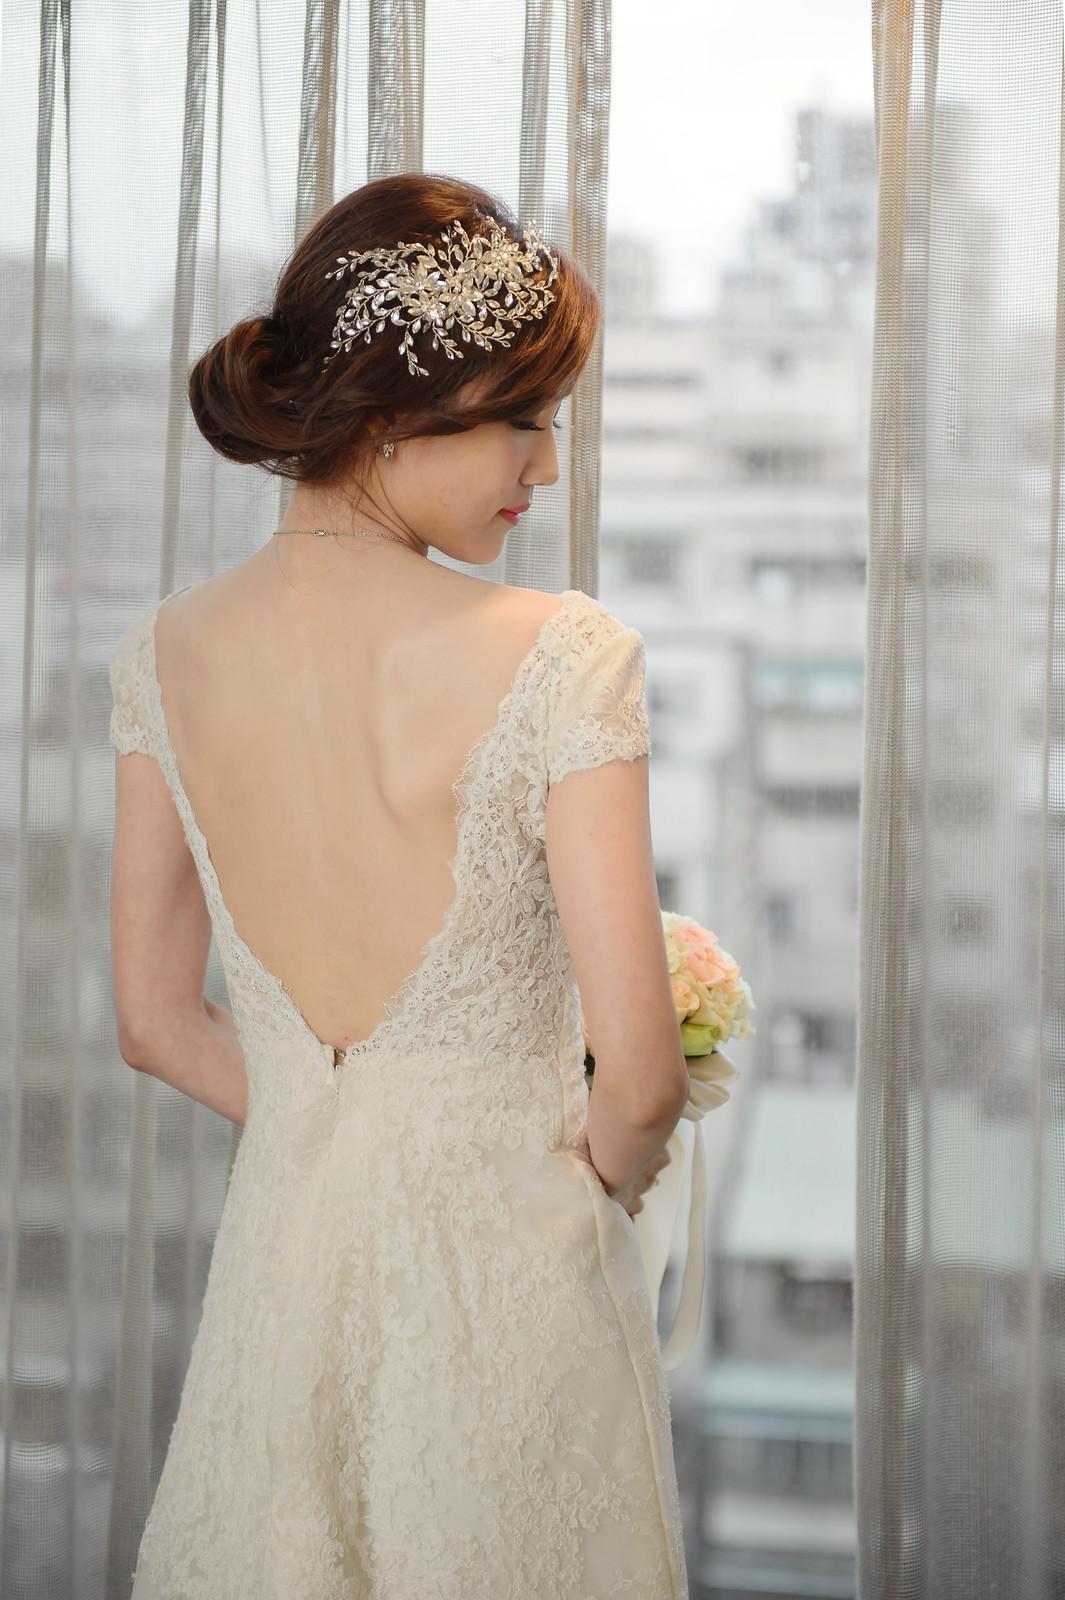 台北婚攝, 婚禮攝影, 婚攝, 婚攝守恆, 婚攝推薦, 晶華酒店, 晶華酒店婚宴, 晶華酒店婚攝-17